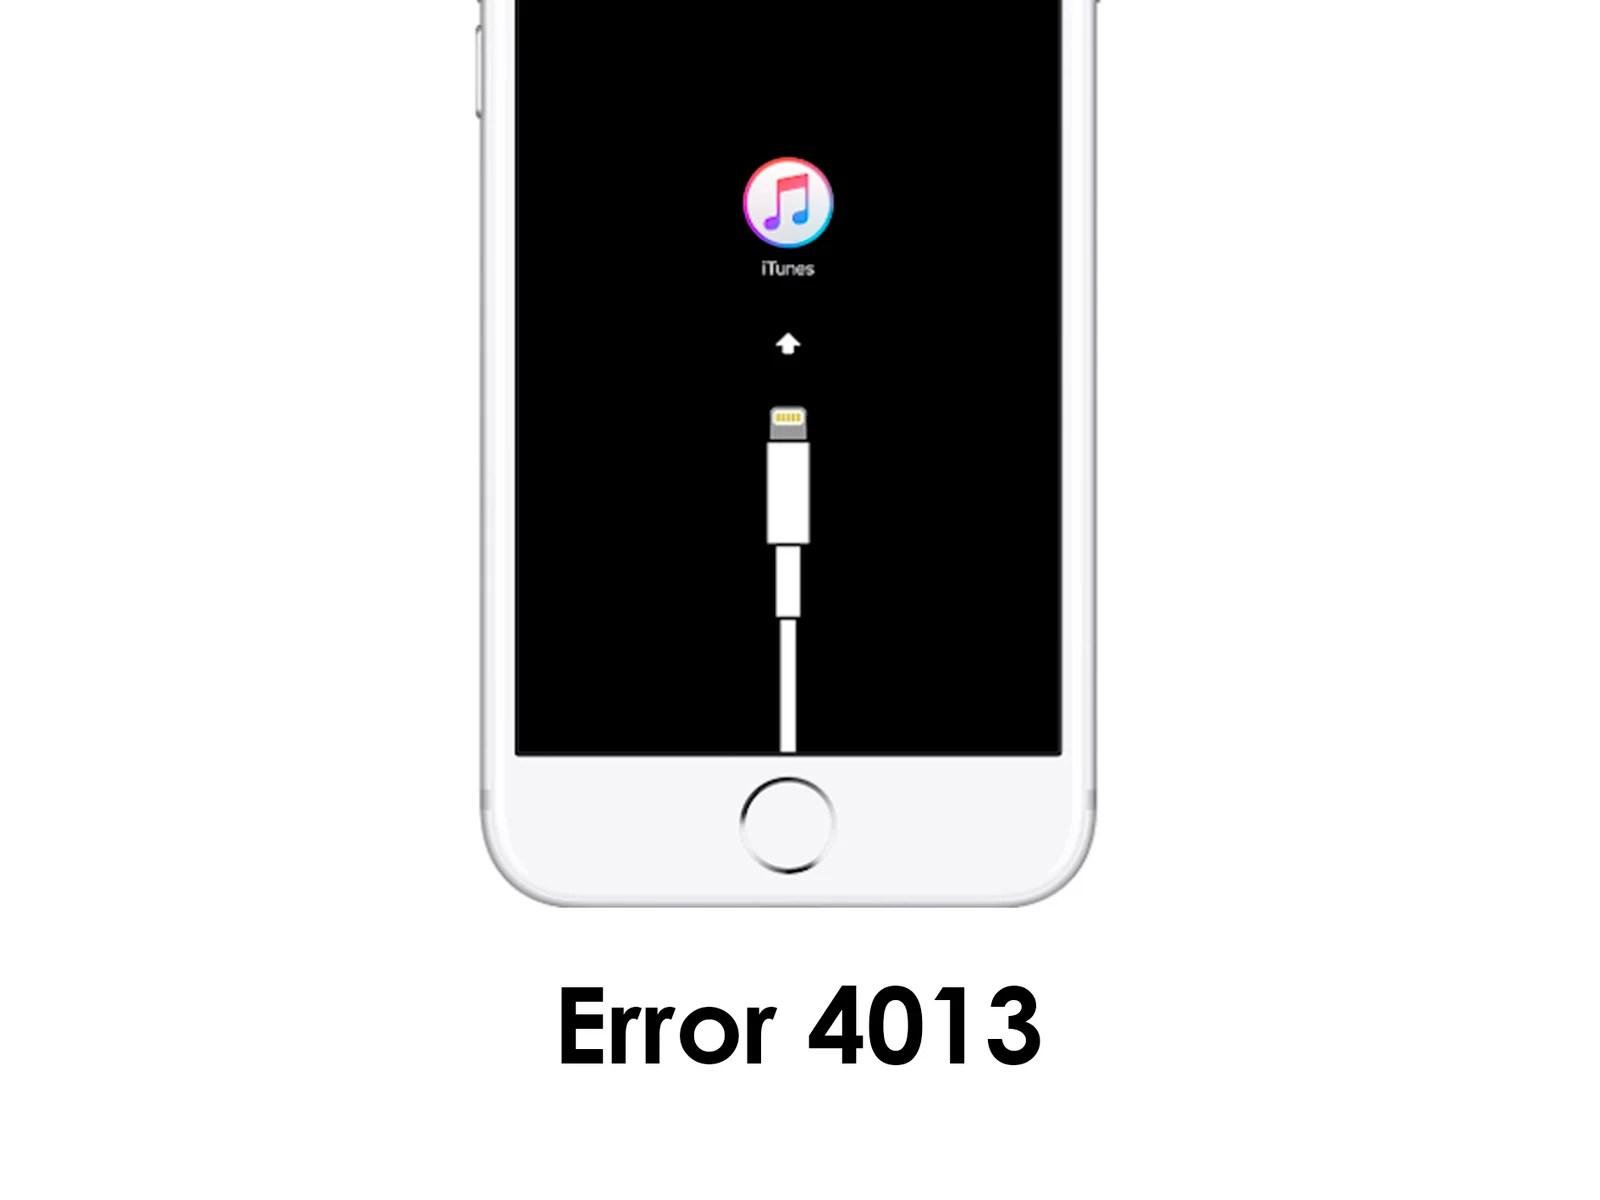 Solución para error 4013 en iPhone